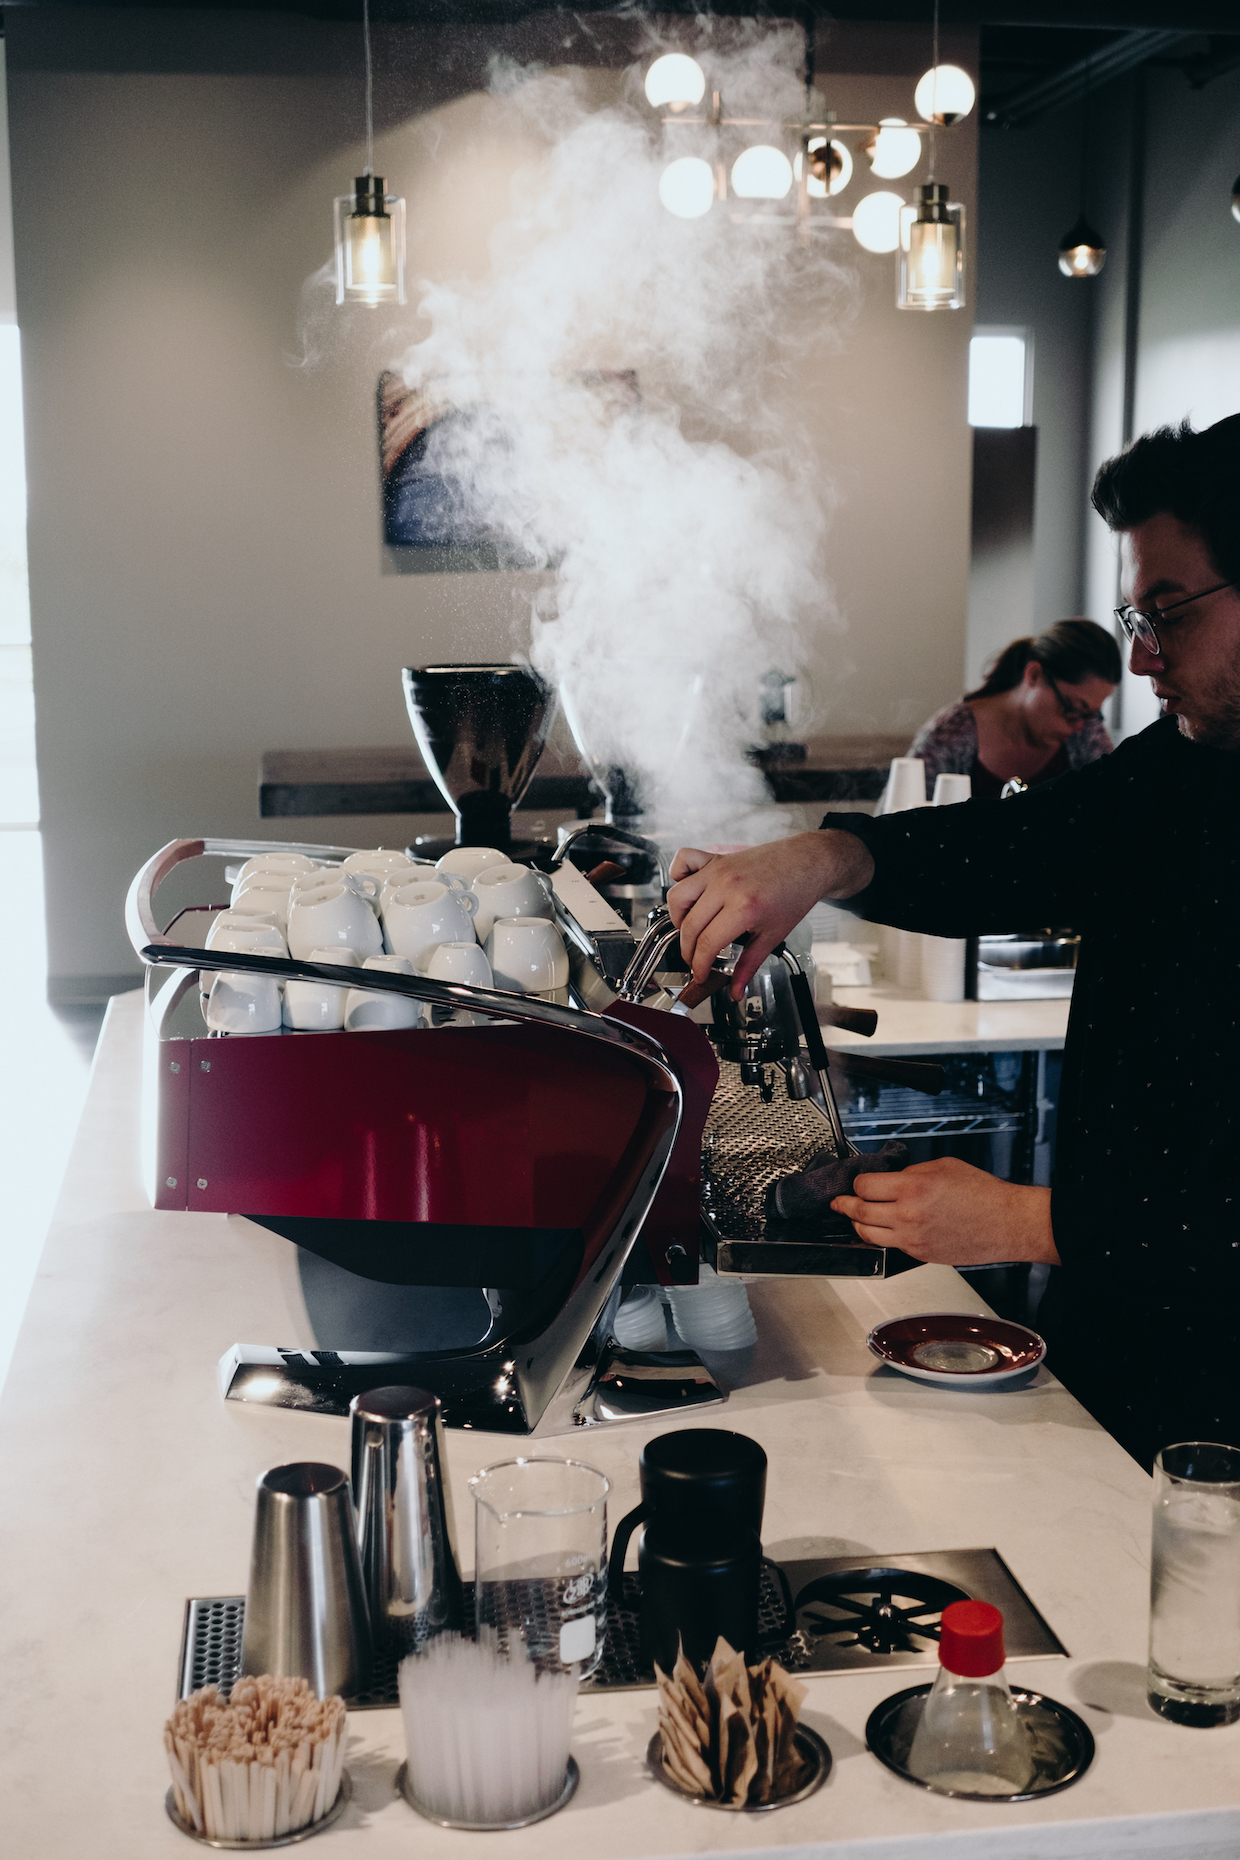 Harbinger Coffee Fort Collins &quot;width =&quot; 1240 &quot;height =&quot; 1860 &quot;/&gt; </p> <p> Au nouveau site Harbinger, 1 650 pieds carrés, le rôtissoire est un point focal par lequel les clients passent sur leur chemin Sur la barre de café où les versions volumétriques avancées de Slayer Steam et d&#39;autres fonctionnalités permettent une efficacité Et une expérience espresso de haute qualité. Le café a été ouvert doucement la semaine dernière et est maintenant en mode totalement ouvert, toujours au service de cafés par des torréfacteurs à pain Sweet Bloom à base de Lakewood et à base de Colo jusqu&#39;à l&#39;installation d&#39;une dernière canalisation autour de San Franciscan. </p> <p> Jarrow a déclaré que, même lorsque le roastery de Harbinger est en pleine fente, la société continuera à offrir des promotions par d&#39;autres torréfacteurs occasionnels ainsi qu&#39;une option cohérente ou deux par Sweet Bloom. </p> <p> &quot;Ils ne vont nulle part&quot;, a déclaré Jarrow. &quot;Les gens de Fort Collins aiment le café Sweet Bloom. Nous voulons que le café soit à ce niveau, mais nous ne prétendons pas que nous avons accès à tous les meilleurs cafés ou que notre café est le seul bon café. &quot;</p> <div id=